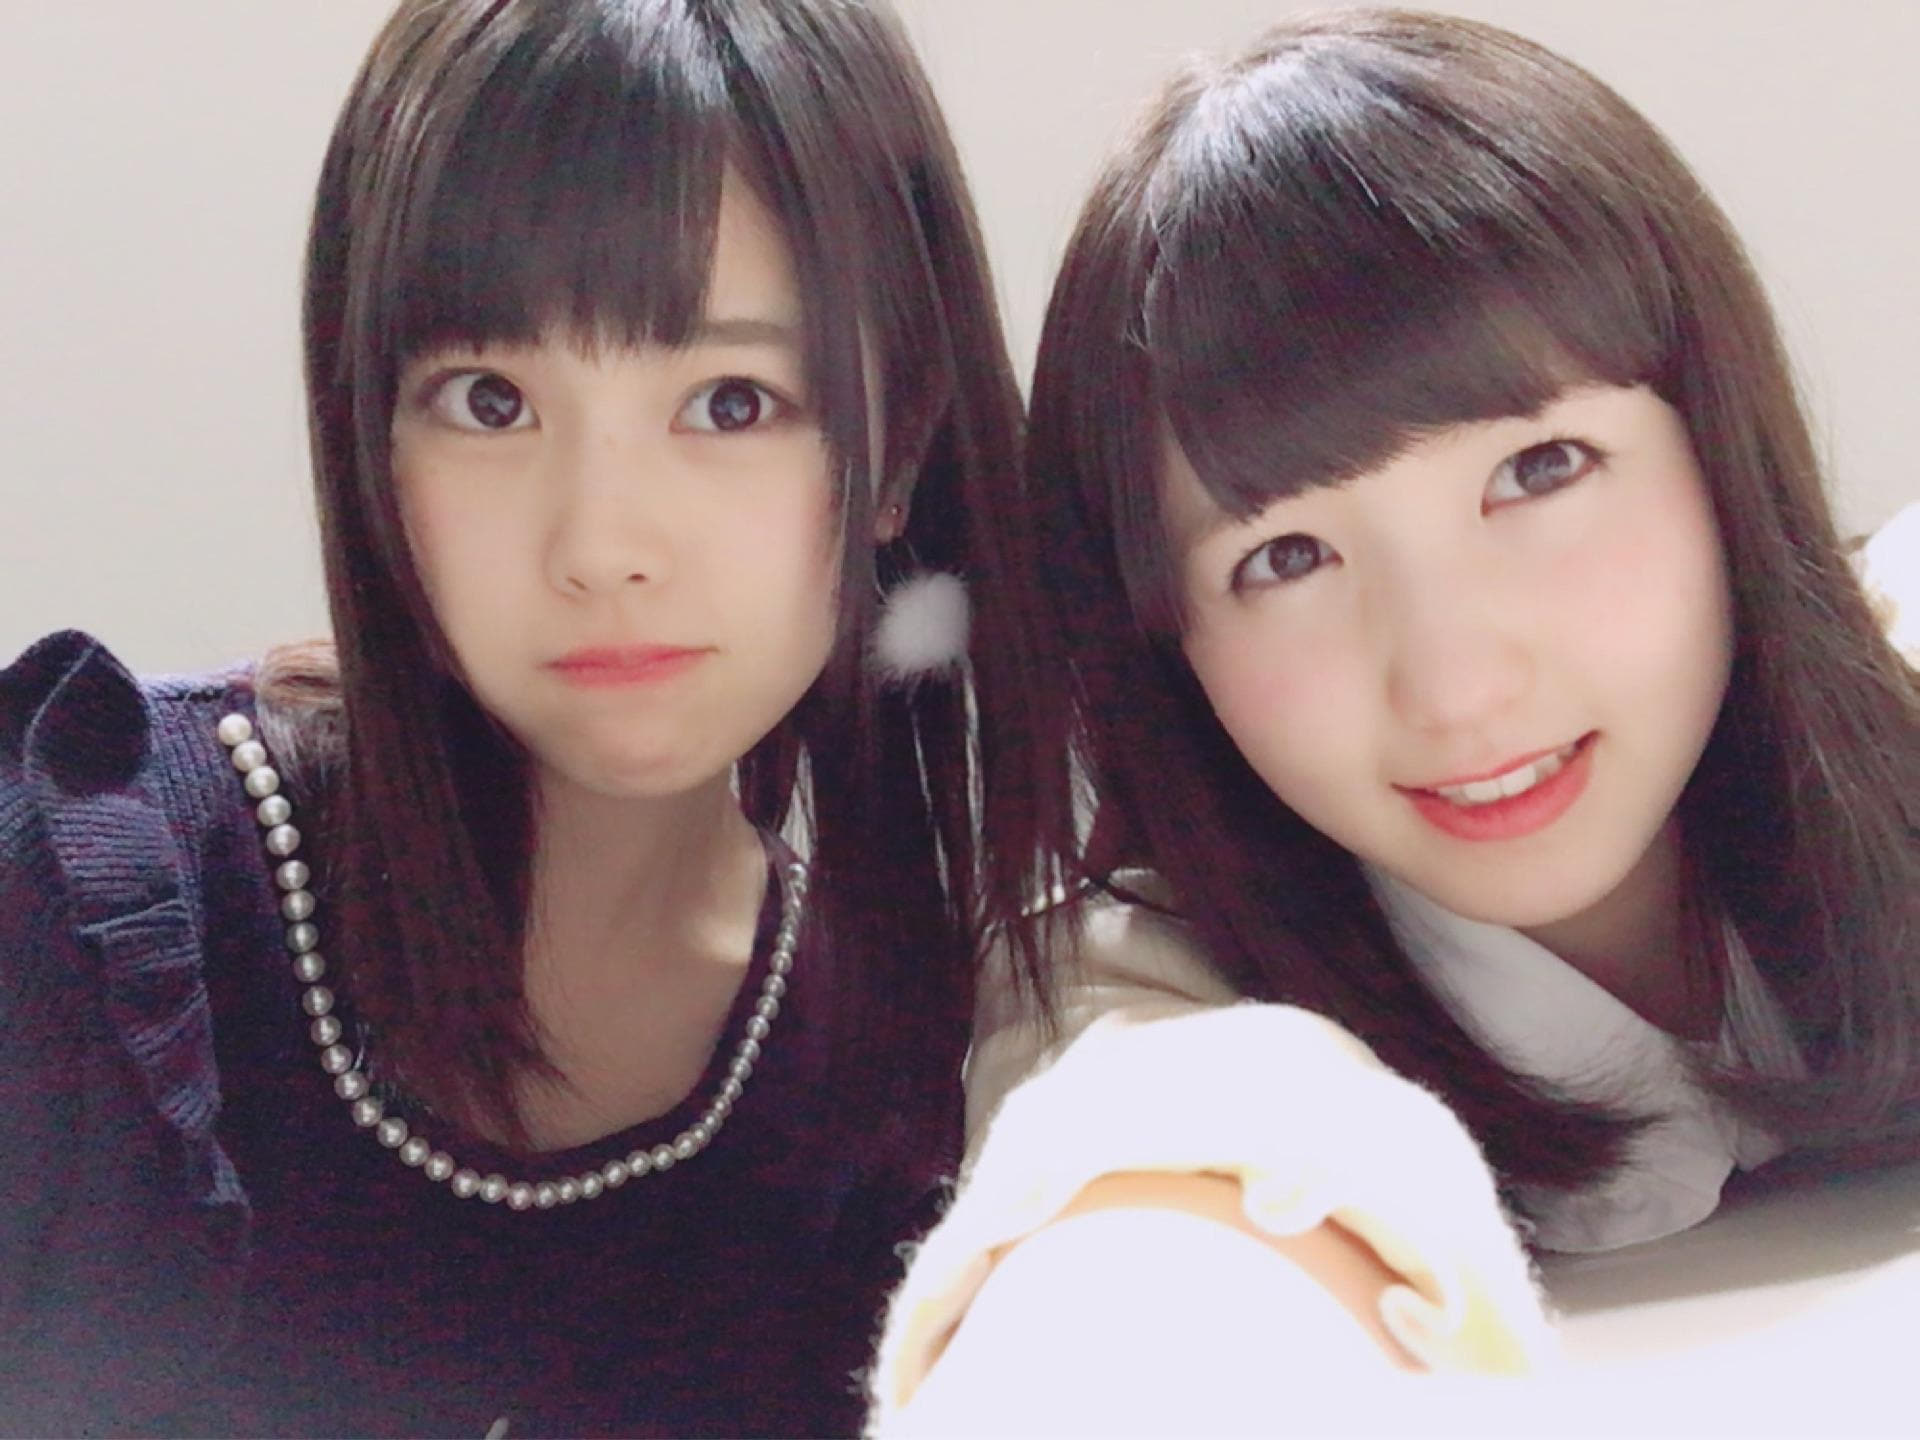 【AKB48】吉川七瀬応援スレ☆9【チーム8千葉代表】 ©2ch.netYouTube動画>92本 ->画像>464枚